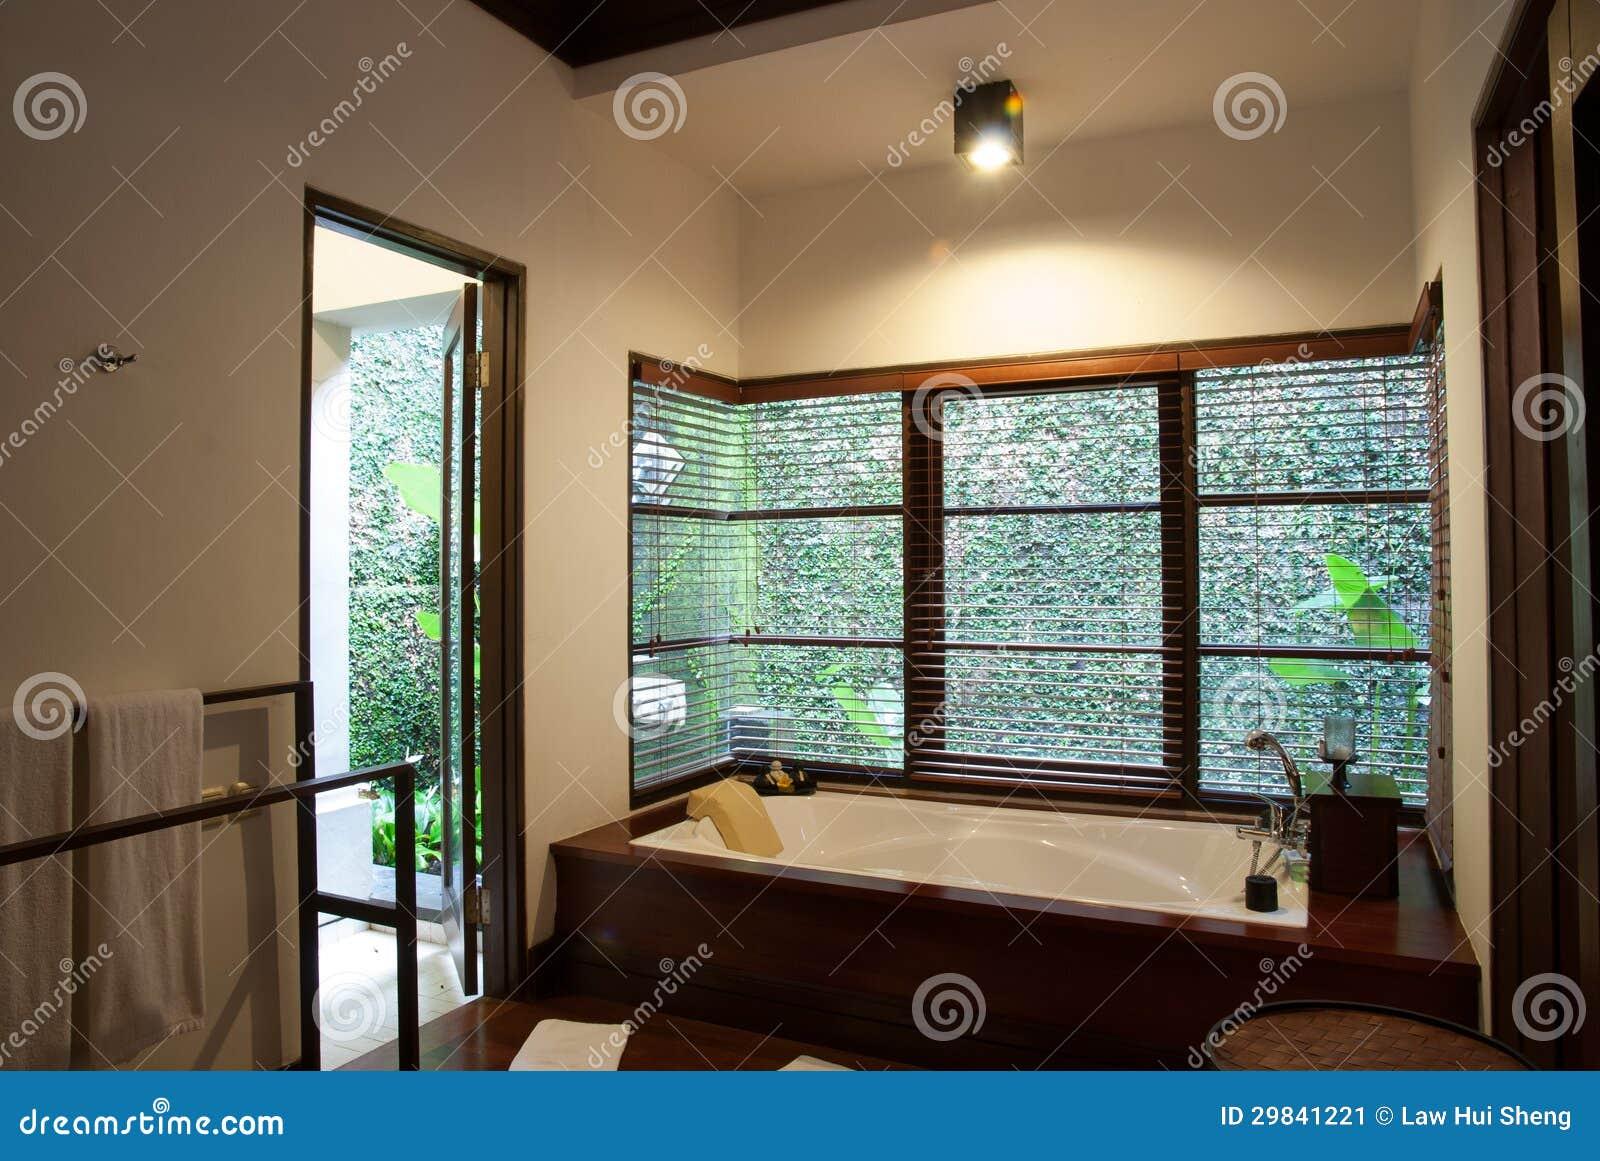 Banheiro do hotel de luxo com banheira em uma casa de campo. #2A1A11 1300x960 Banheiro Com Banheira De Luxo